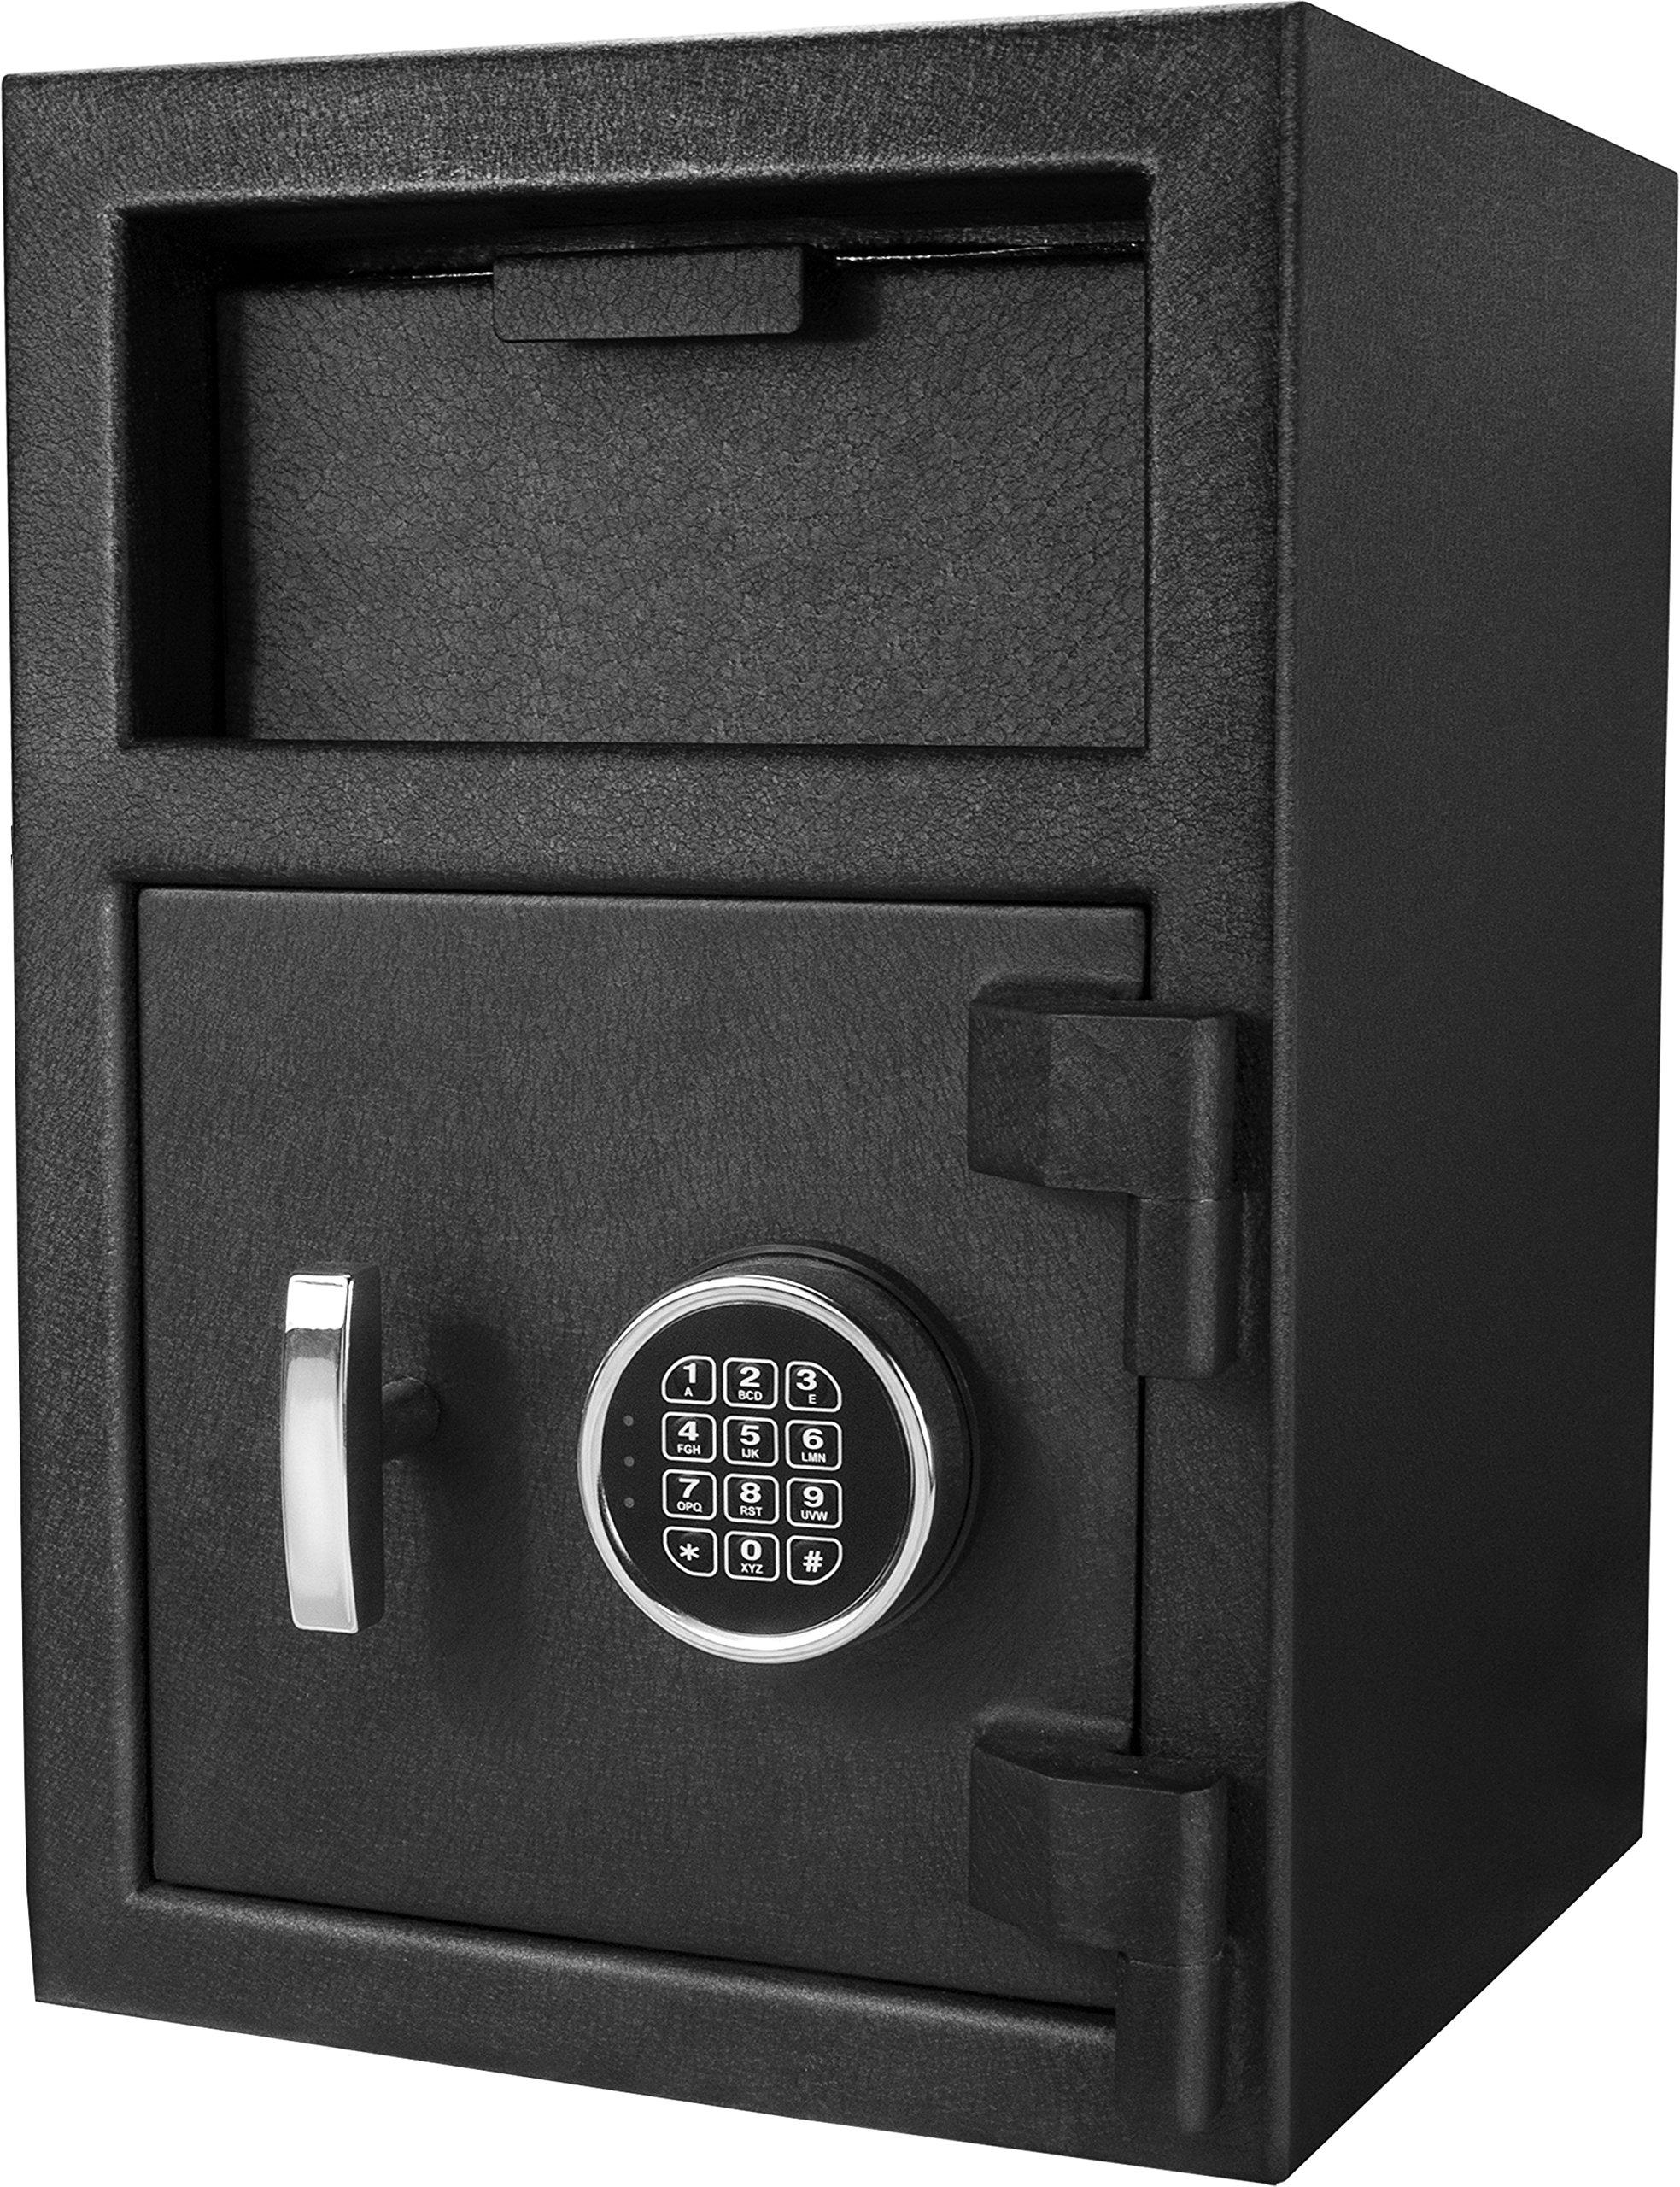 Barska AX12588 Standard Depository Keypad